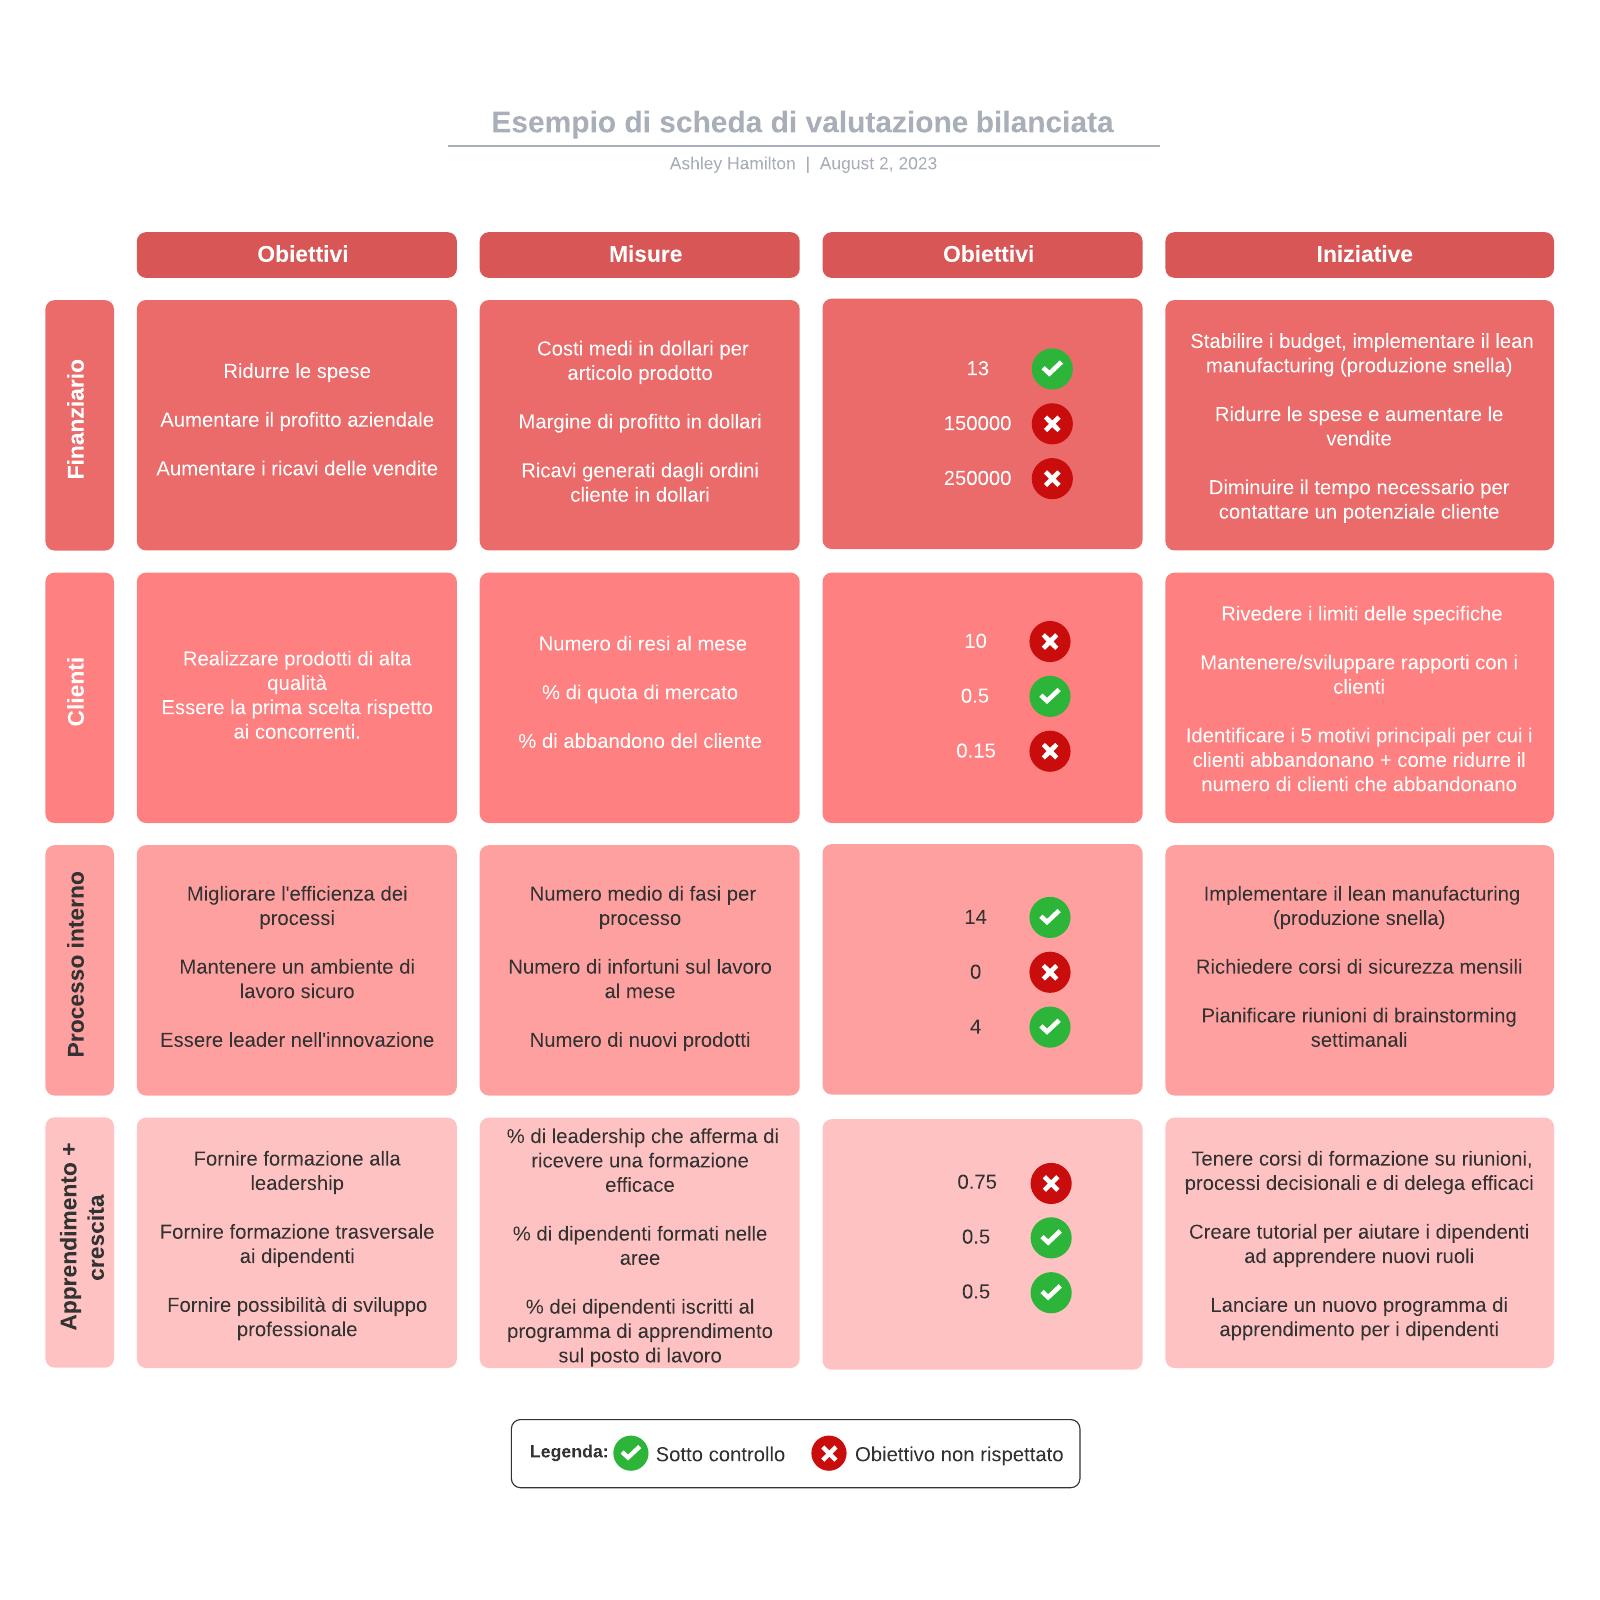 Esempio di scheda di valutazione bilanciata